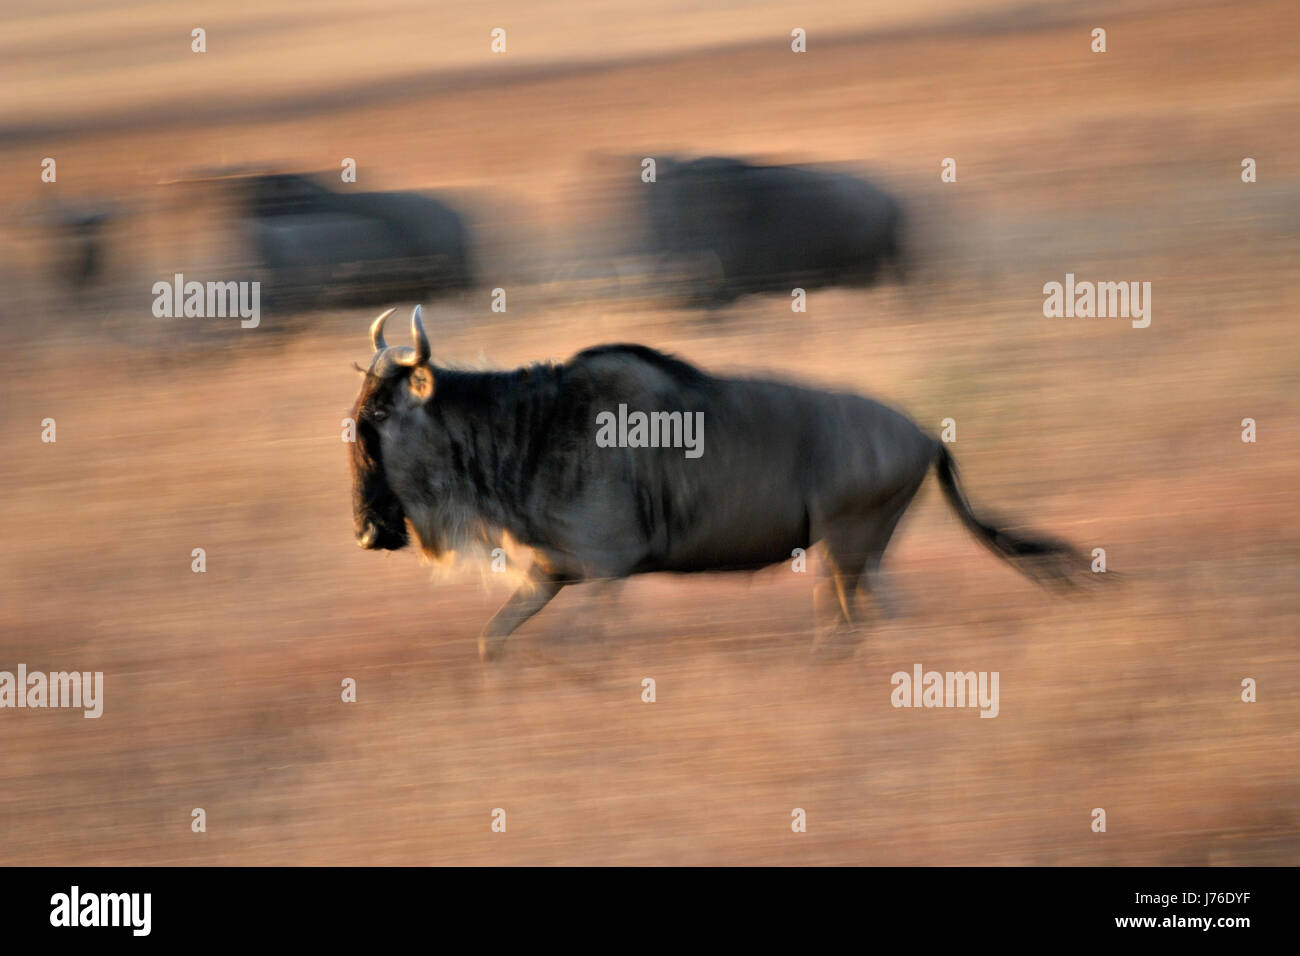 Le Gnou (Connochaetes taurinus) fonctionnant pendant la migration avec le flou, le Parc National du Serengeti, Tanzanie. Photo Stock